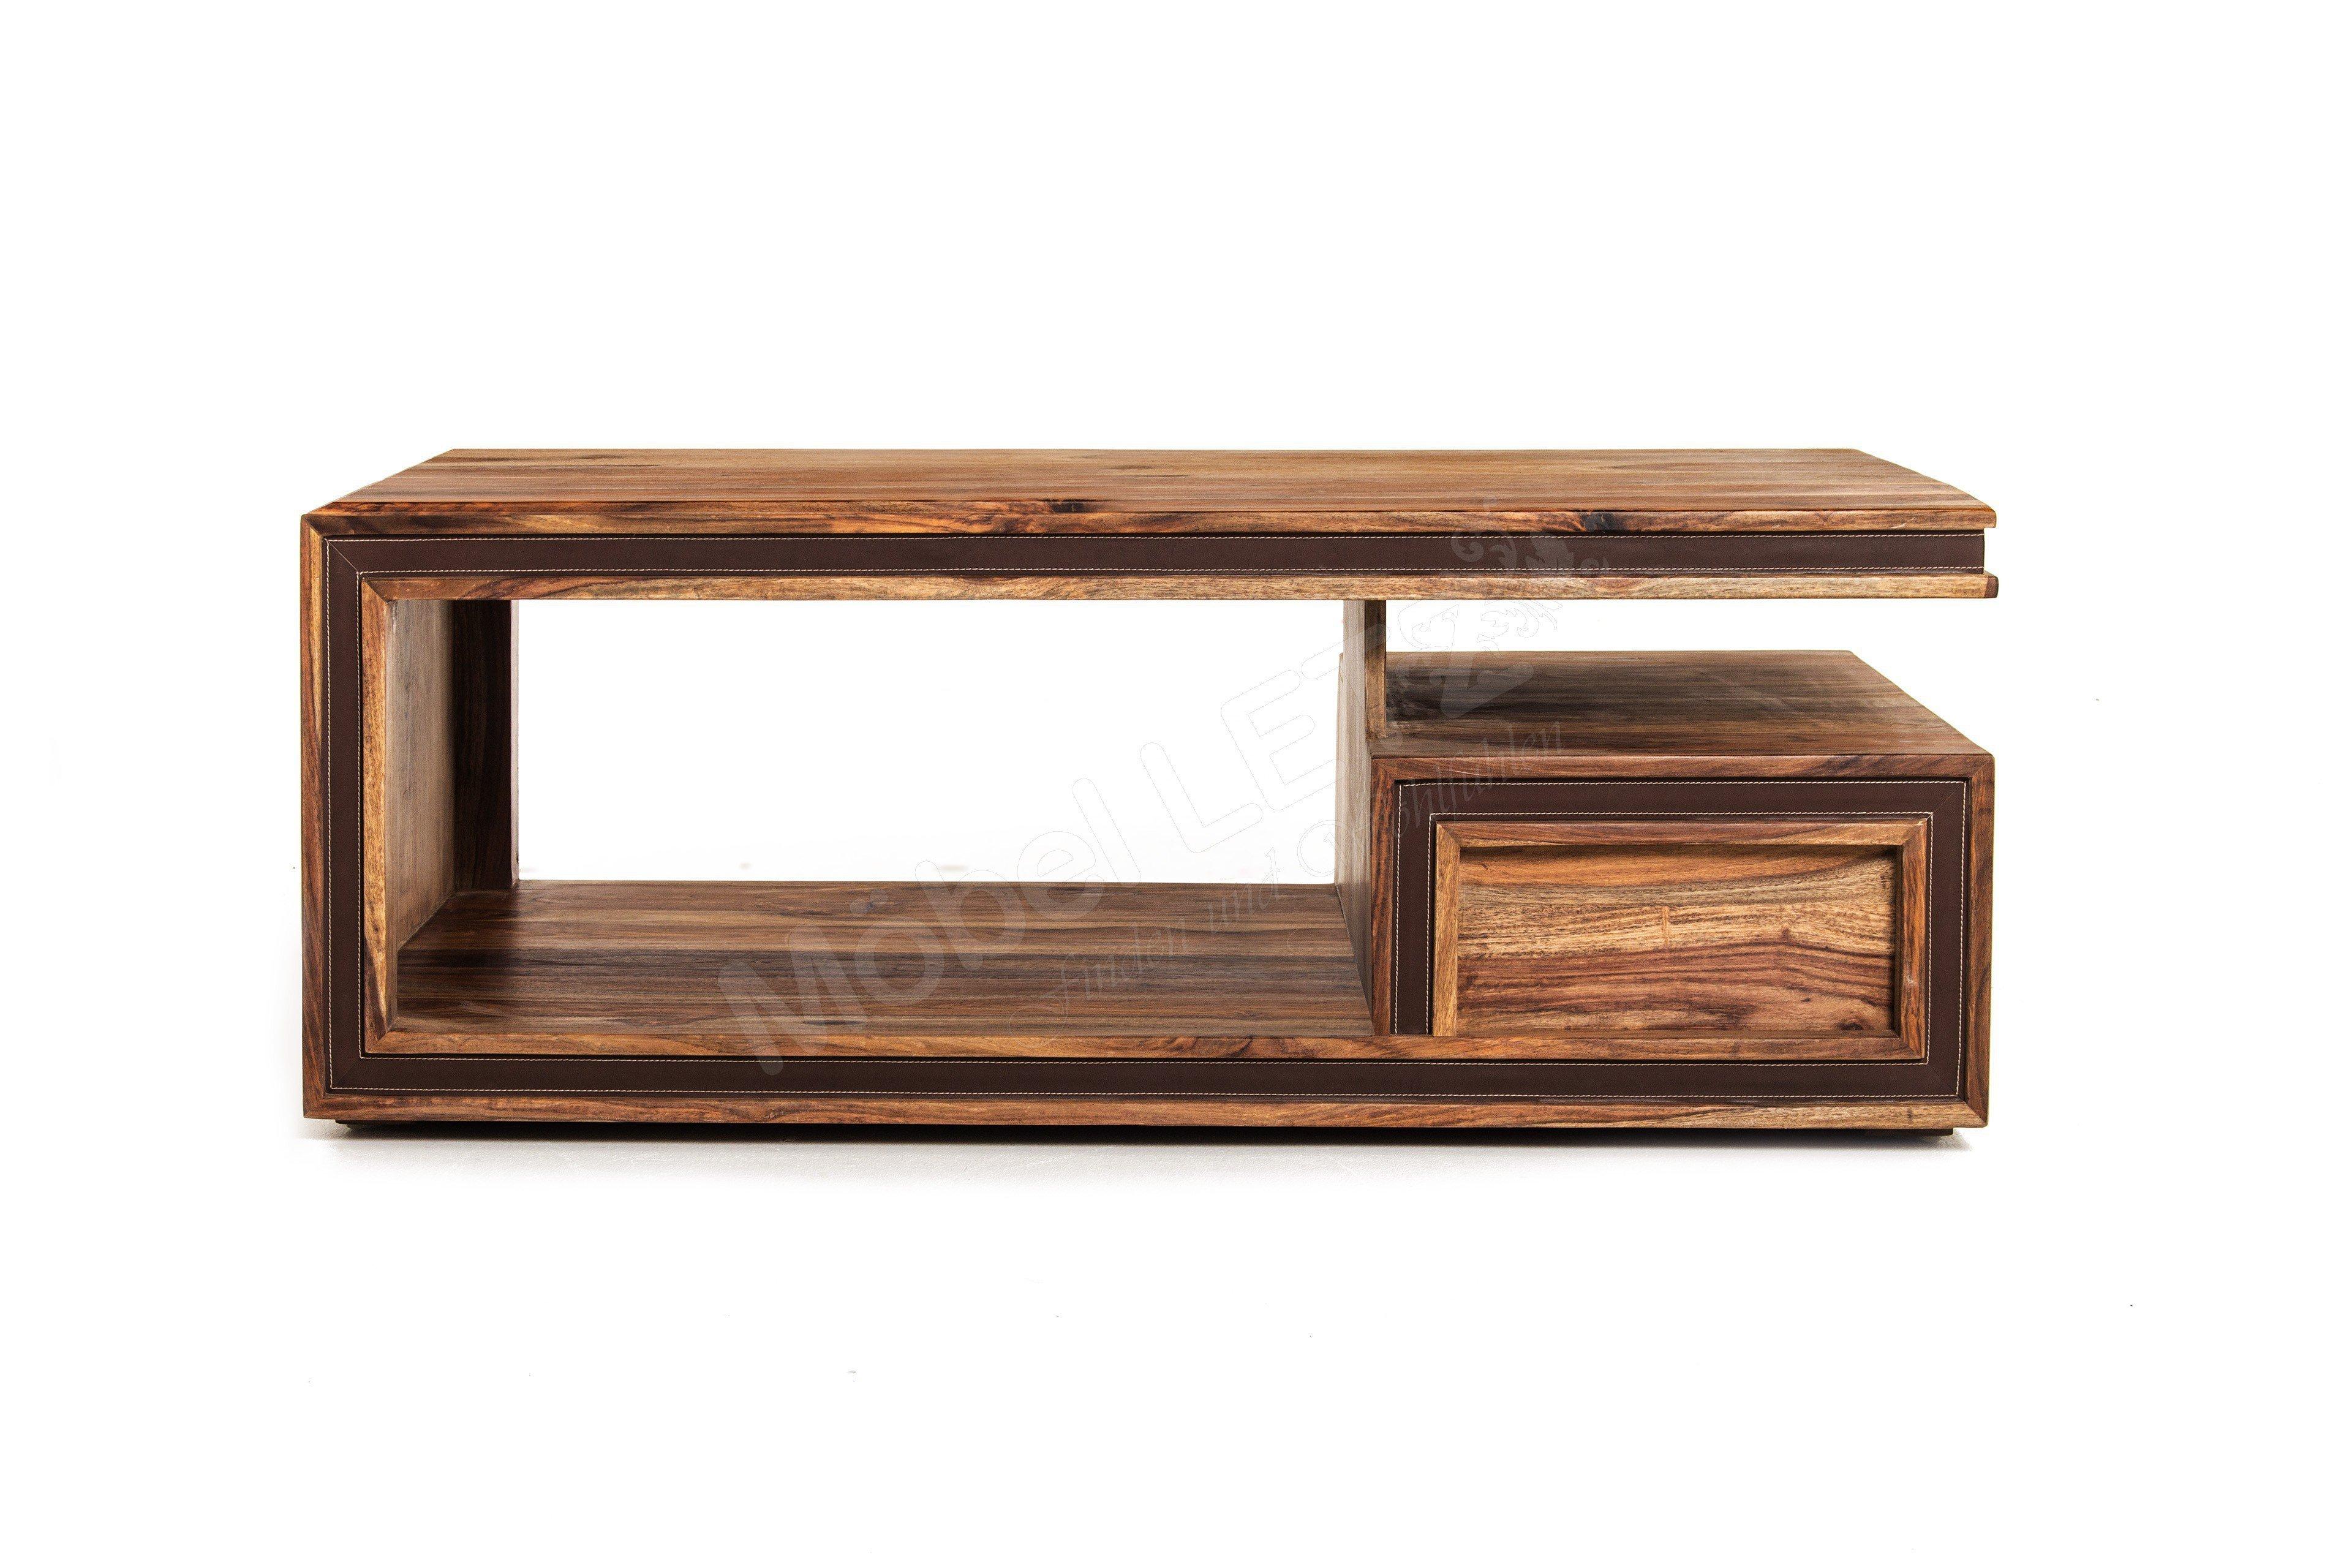 couchtisch shan in massivem sheesham holz von wolf m bel. Black Bedroom Furniture Sets. Home Design Ideas